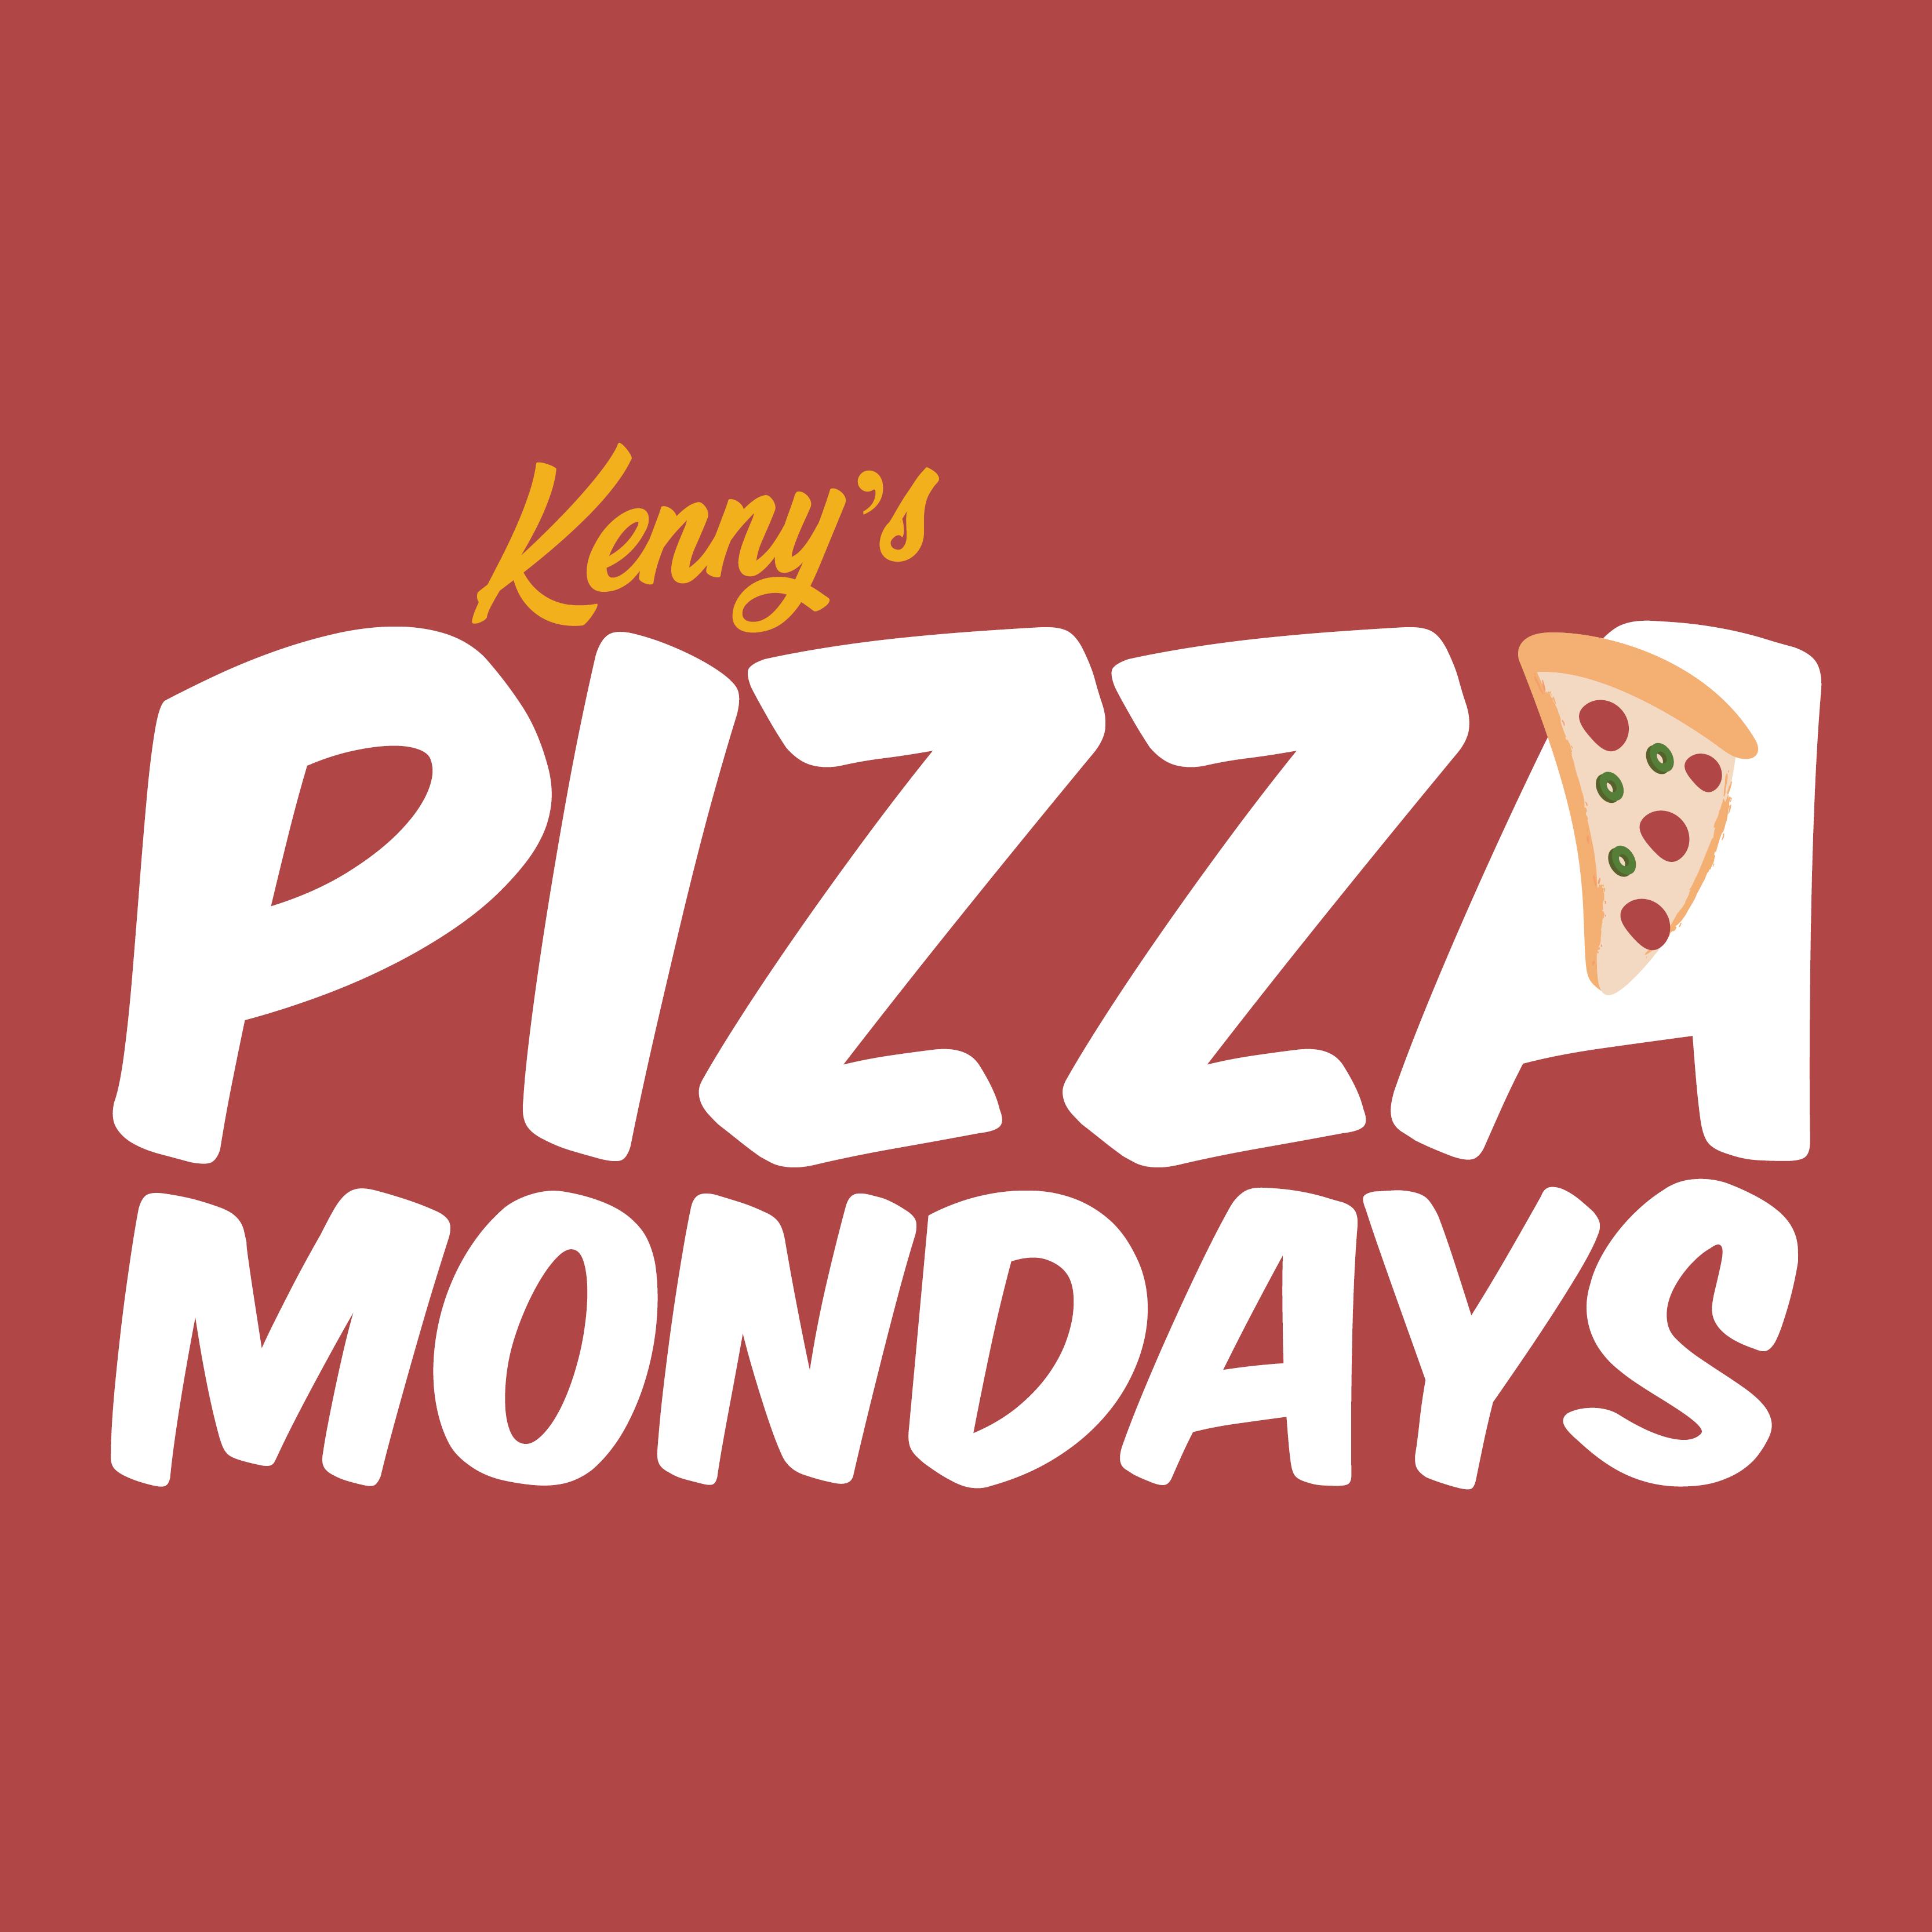 Kenny's Pizza Mondays